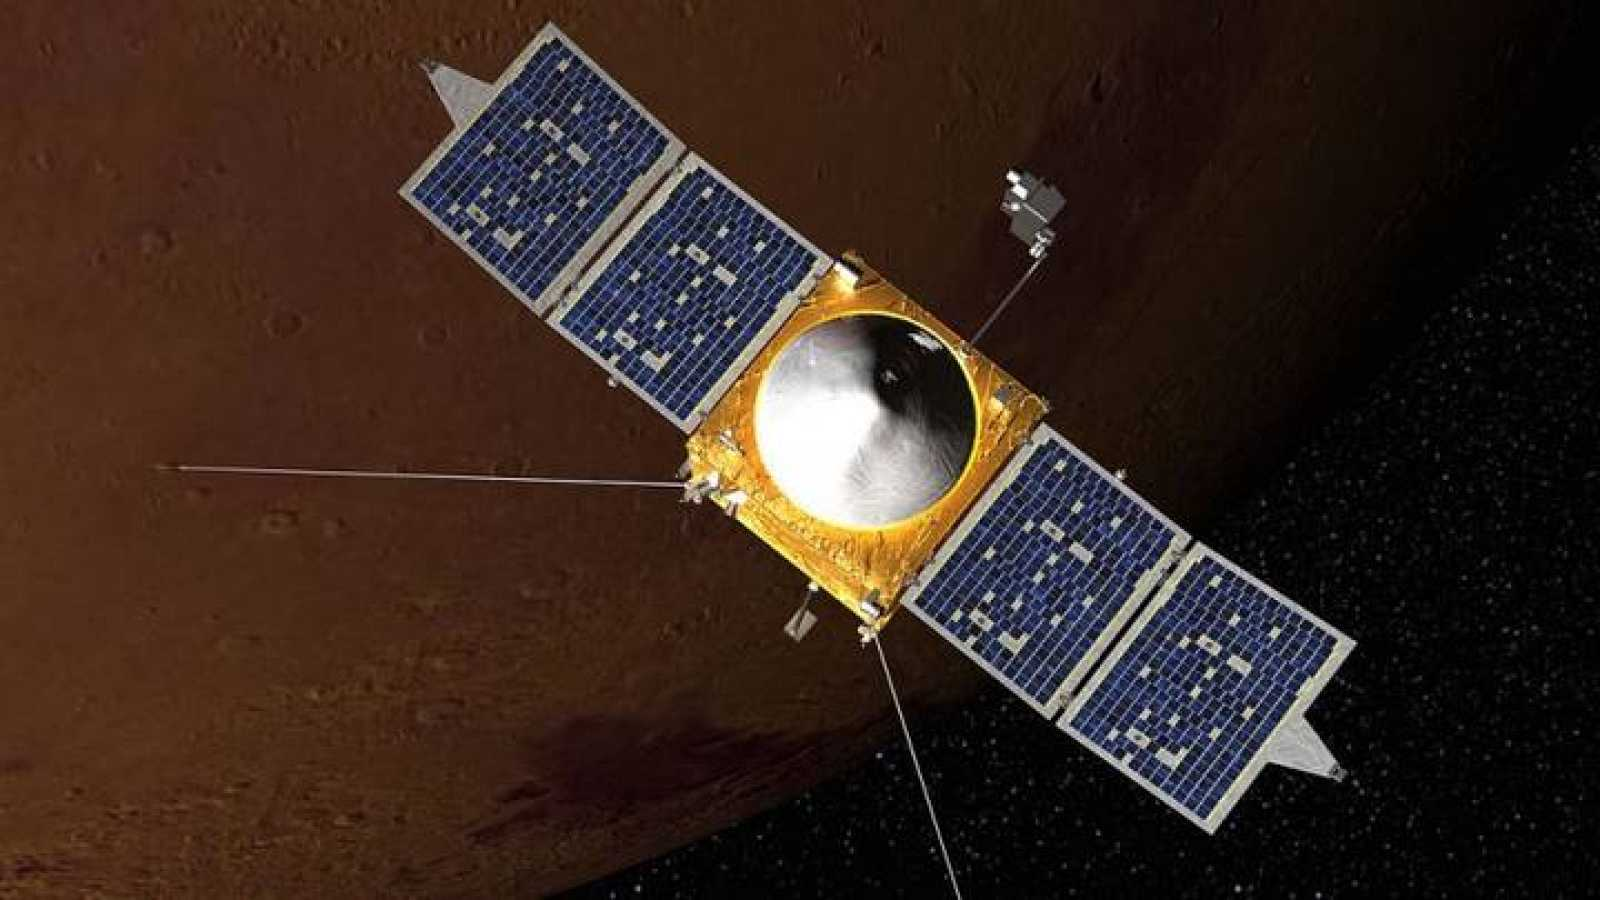 Impresión artística de la sonda MAVEN en órbita alrededor de Marte